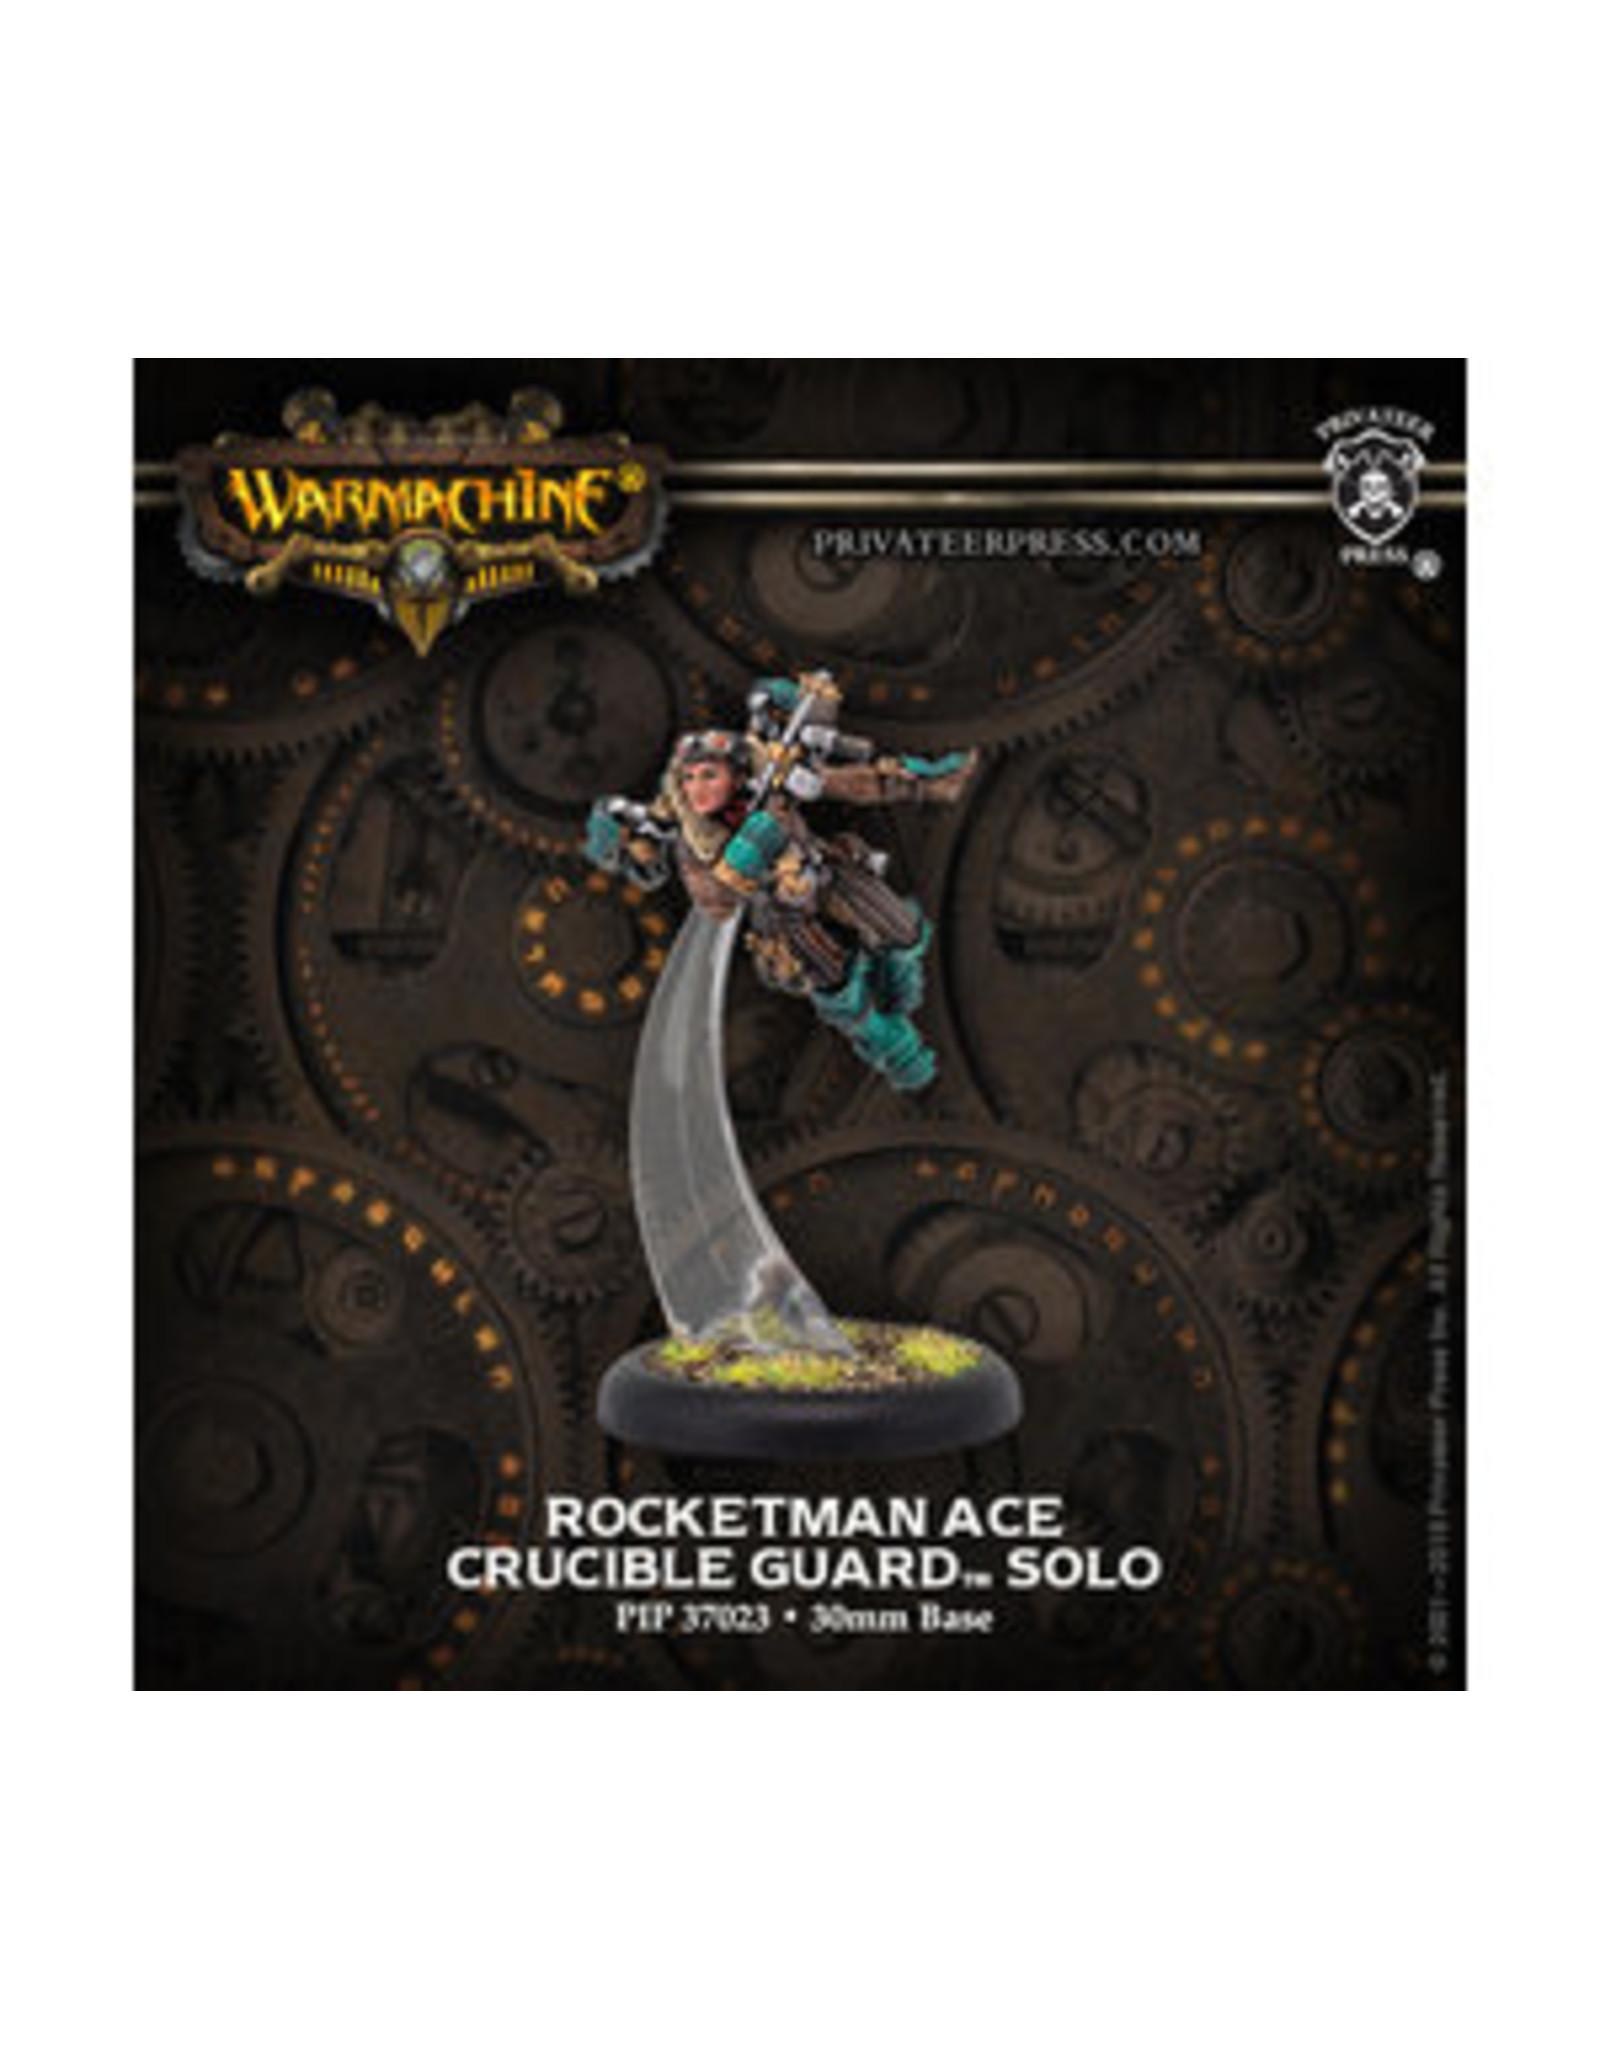 Warmachine: Crucible Guard Rocketman Ace Solo (White Metal)